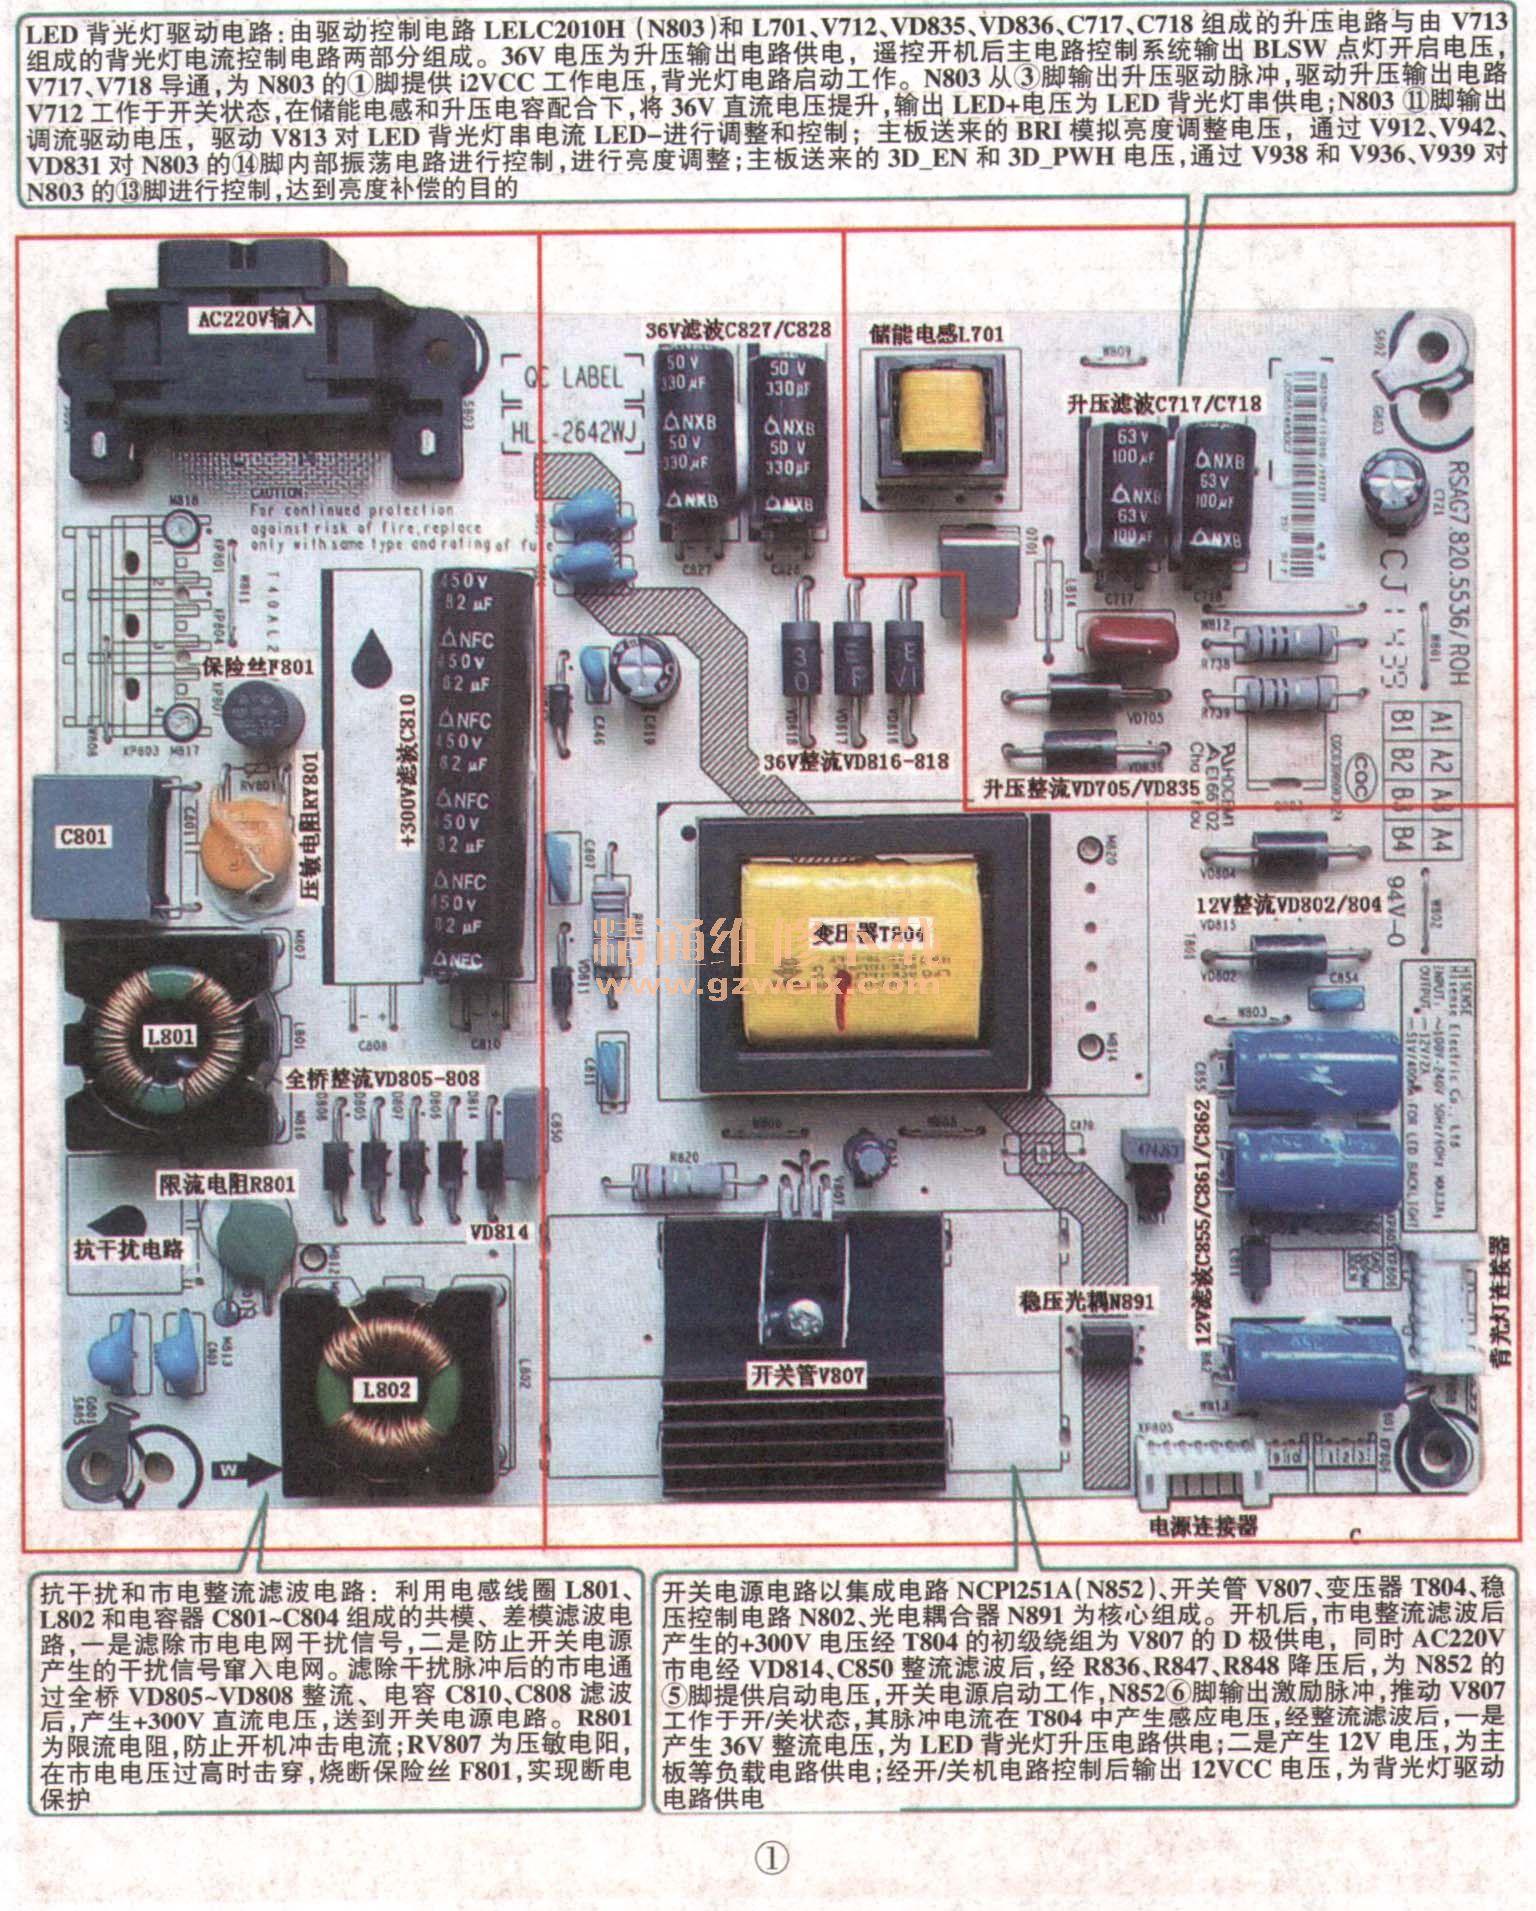 海信手机qq_海信液晶彩电RSAG7.820.5536型电源二合一板维修图解 - 精通维修下载